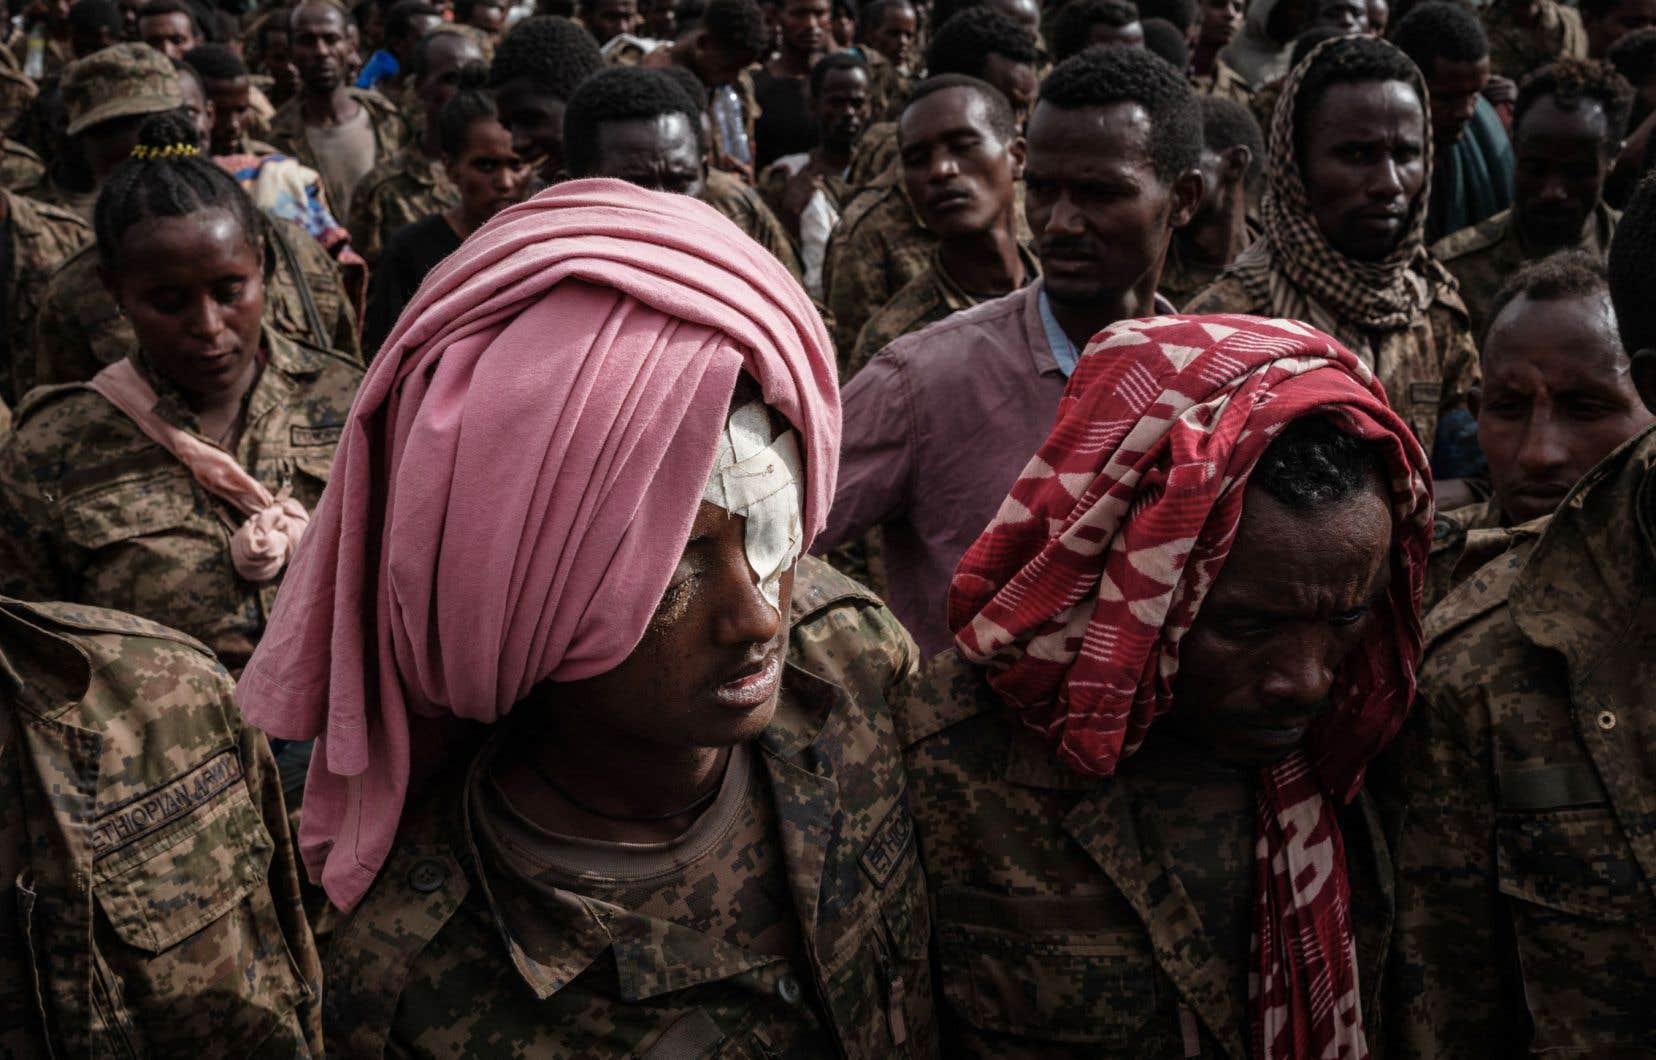 Des soldats éthiopiens captifs se dirigent vers le centre de réadaptation de Mekele, à Mekele, la capitale de la région du Tigré, en Éthiopie, le 2 juillet dernier.